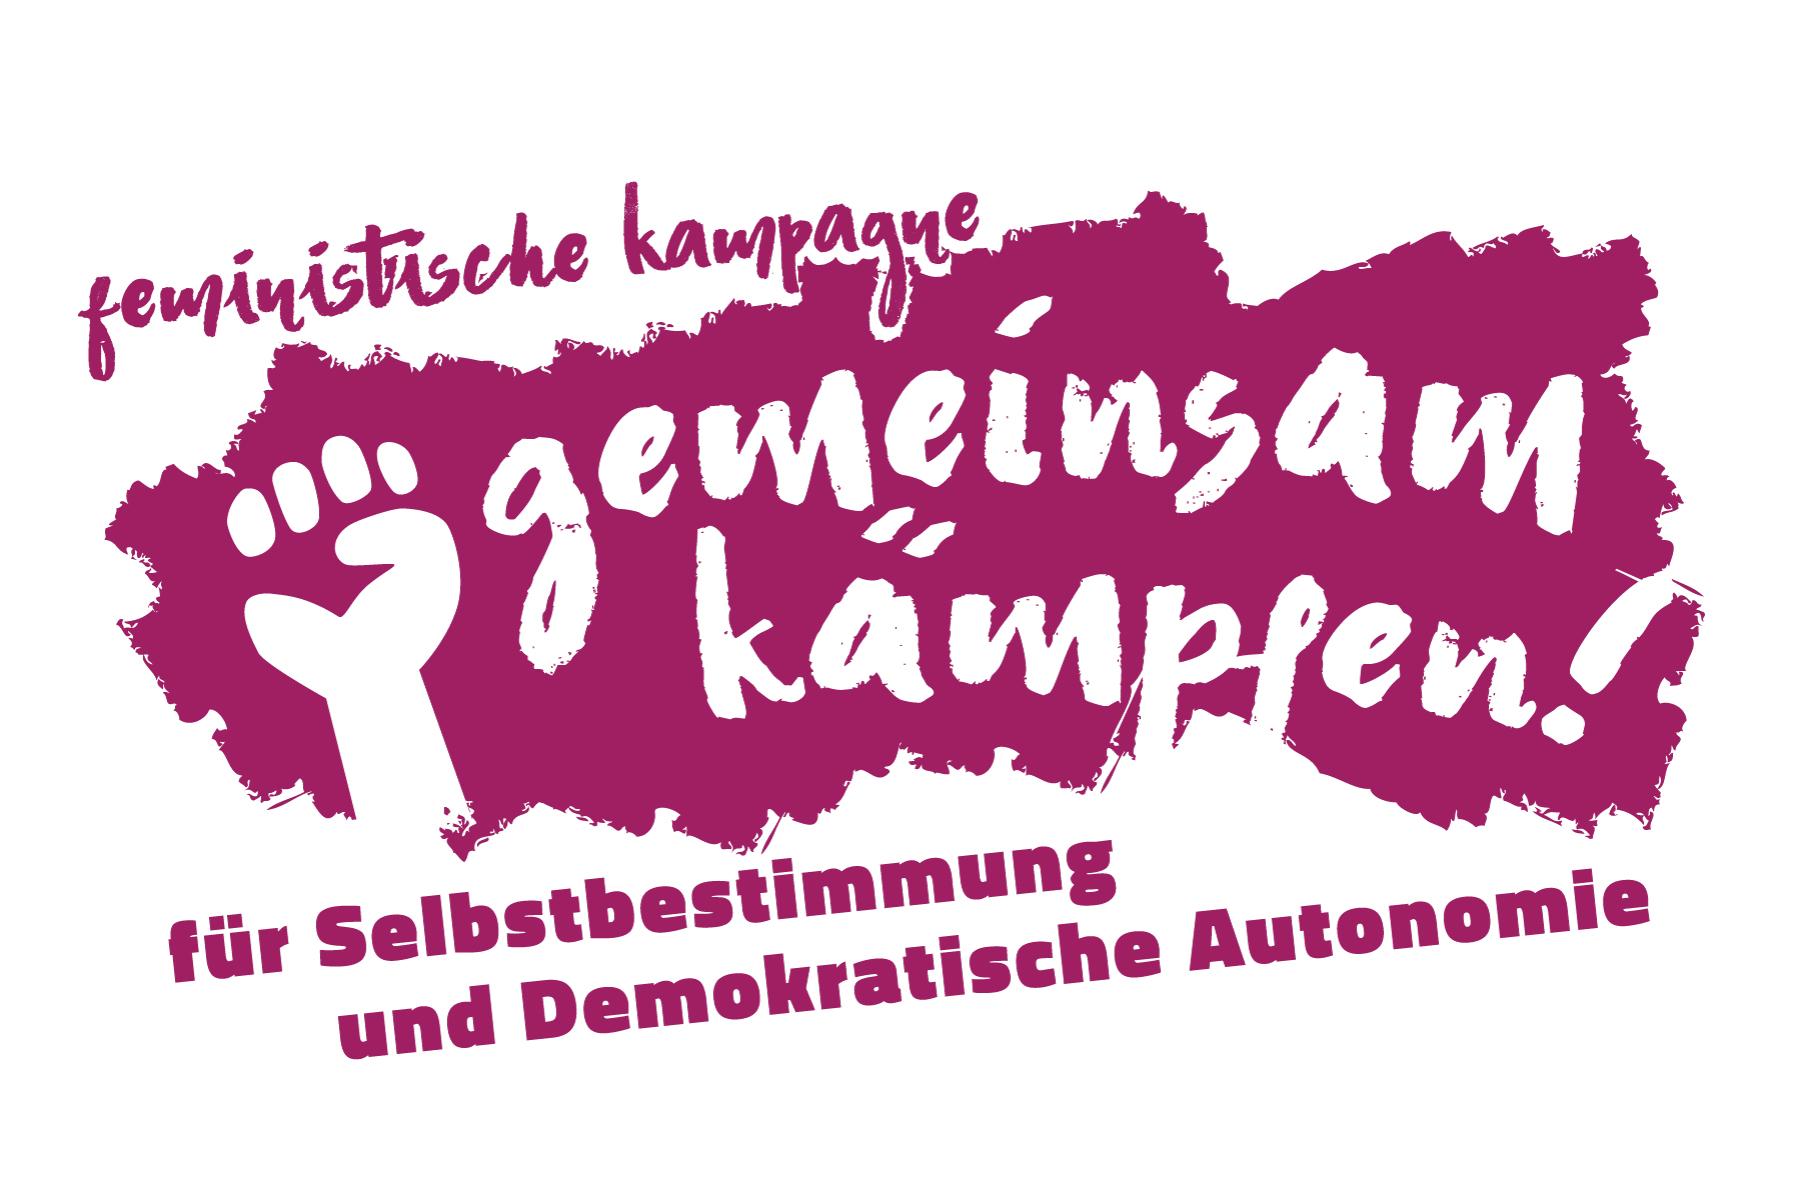 Gemeinsam kämpfen! Feministische Kampagne für Selbstbestimmung und Demokratische Autonomie